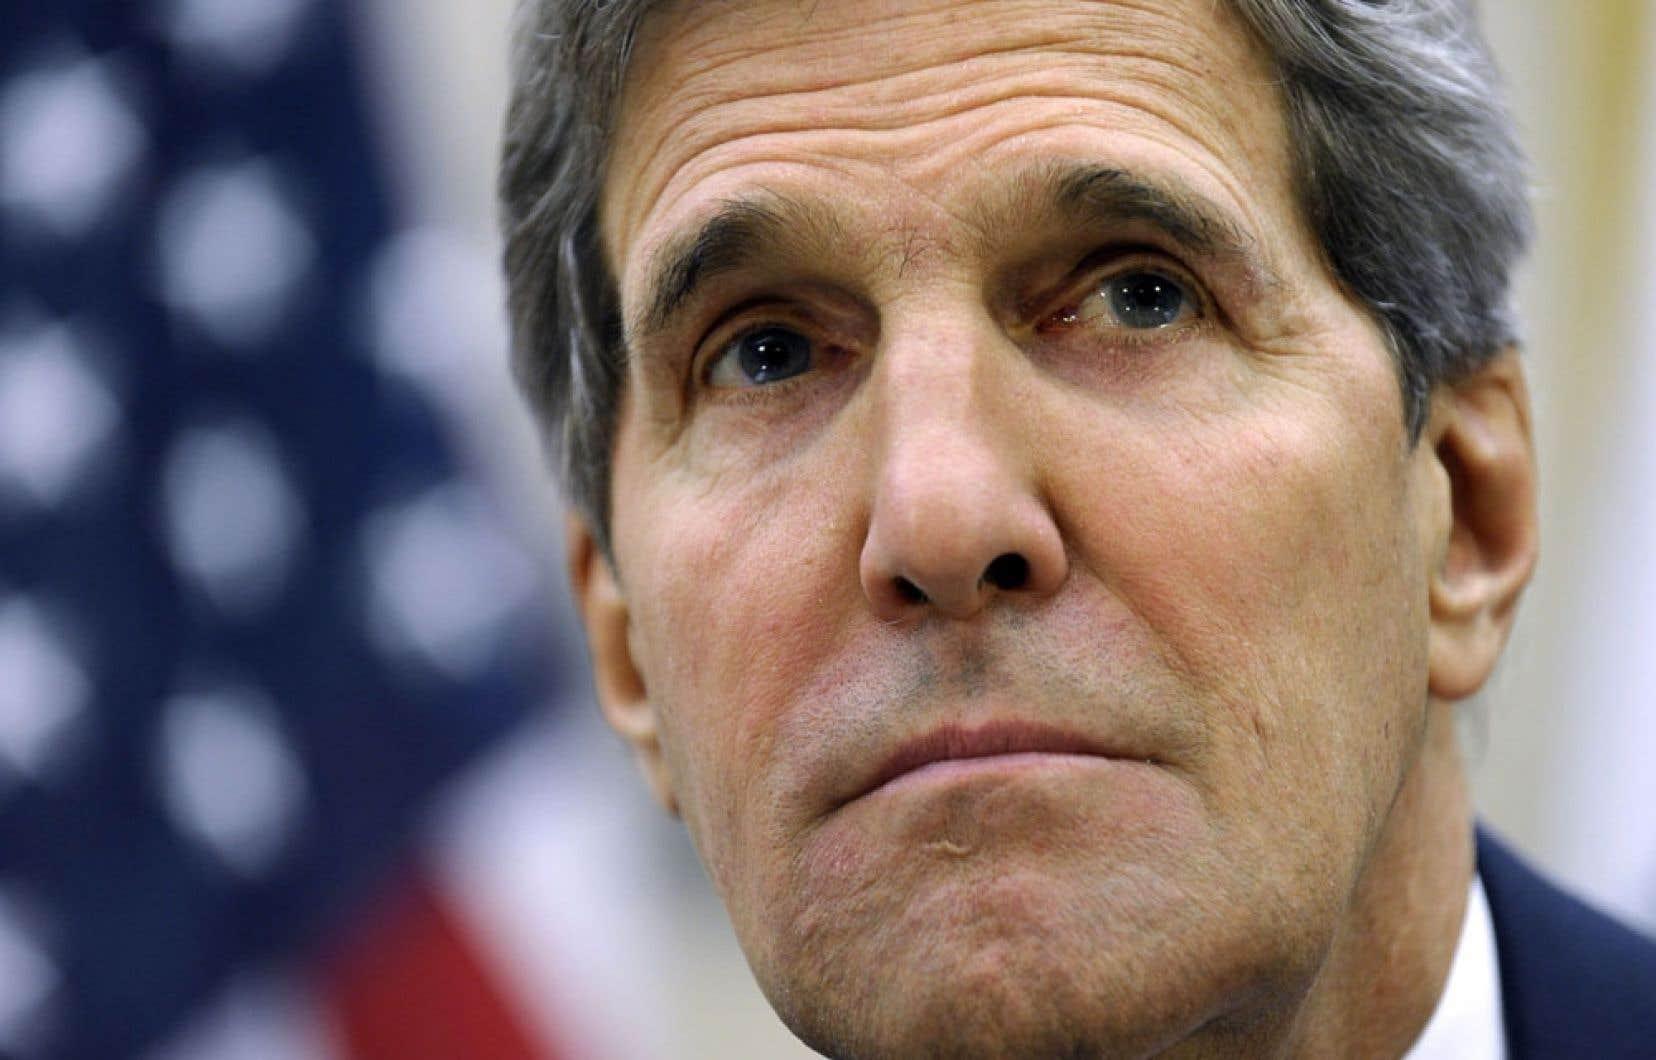 Pour le secrétaire d'État américain John Kerry, les États-Unis et leurs alliés se doivent de répondre à Damas, car le régime a franchi une ligne rouge en ayant recours à des armes chimiques.